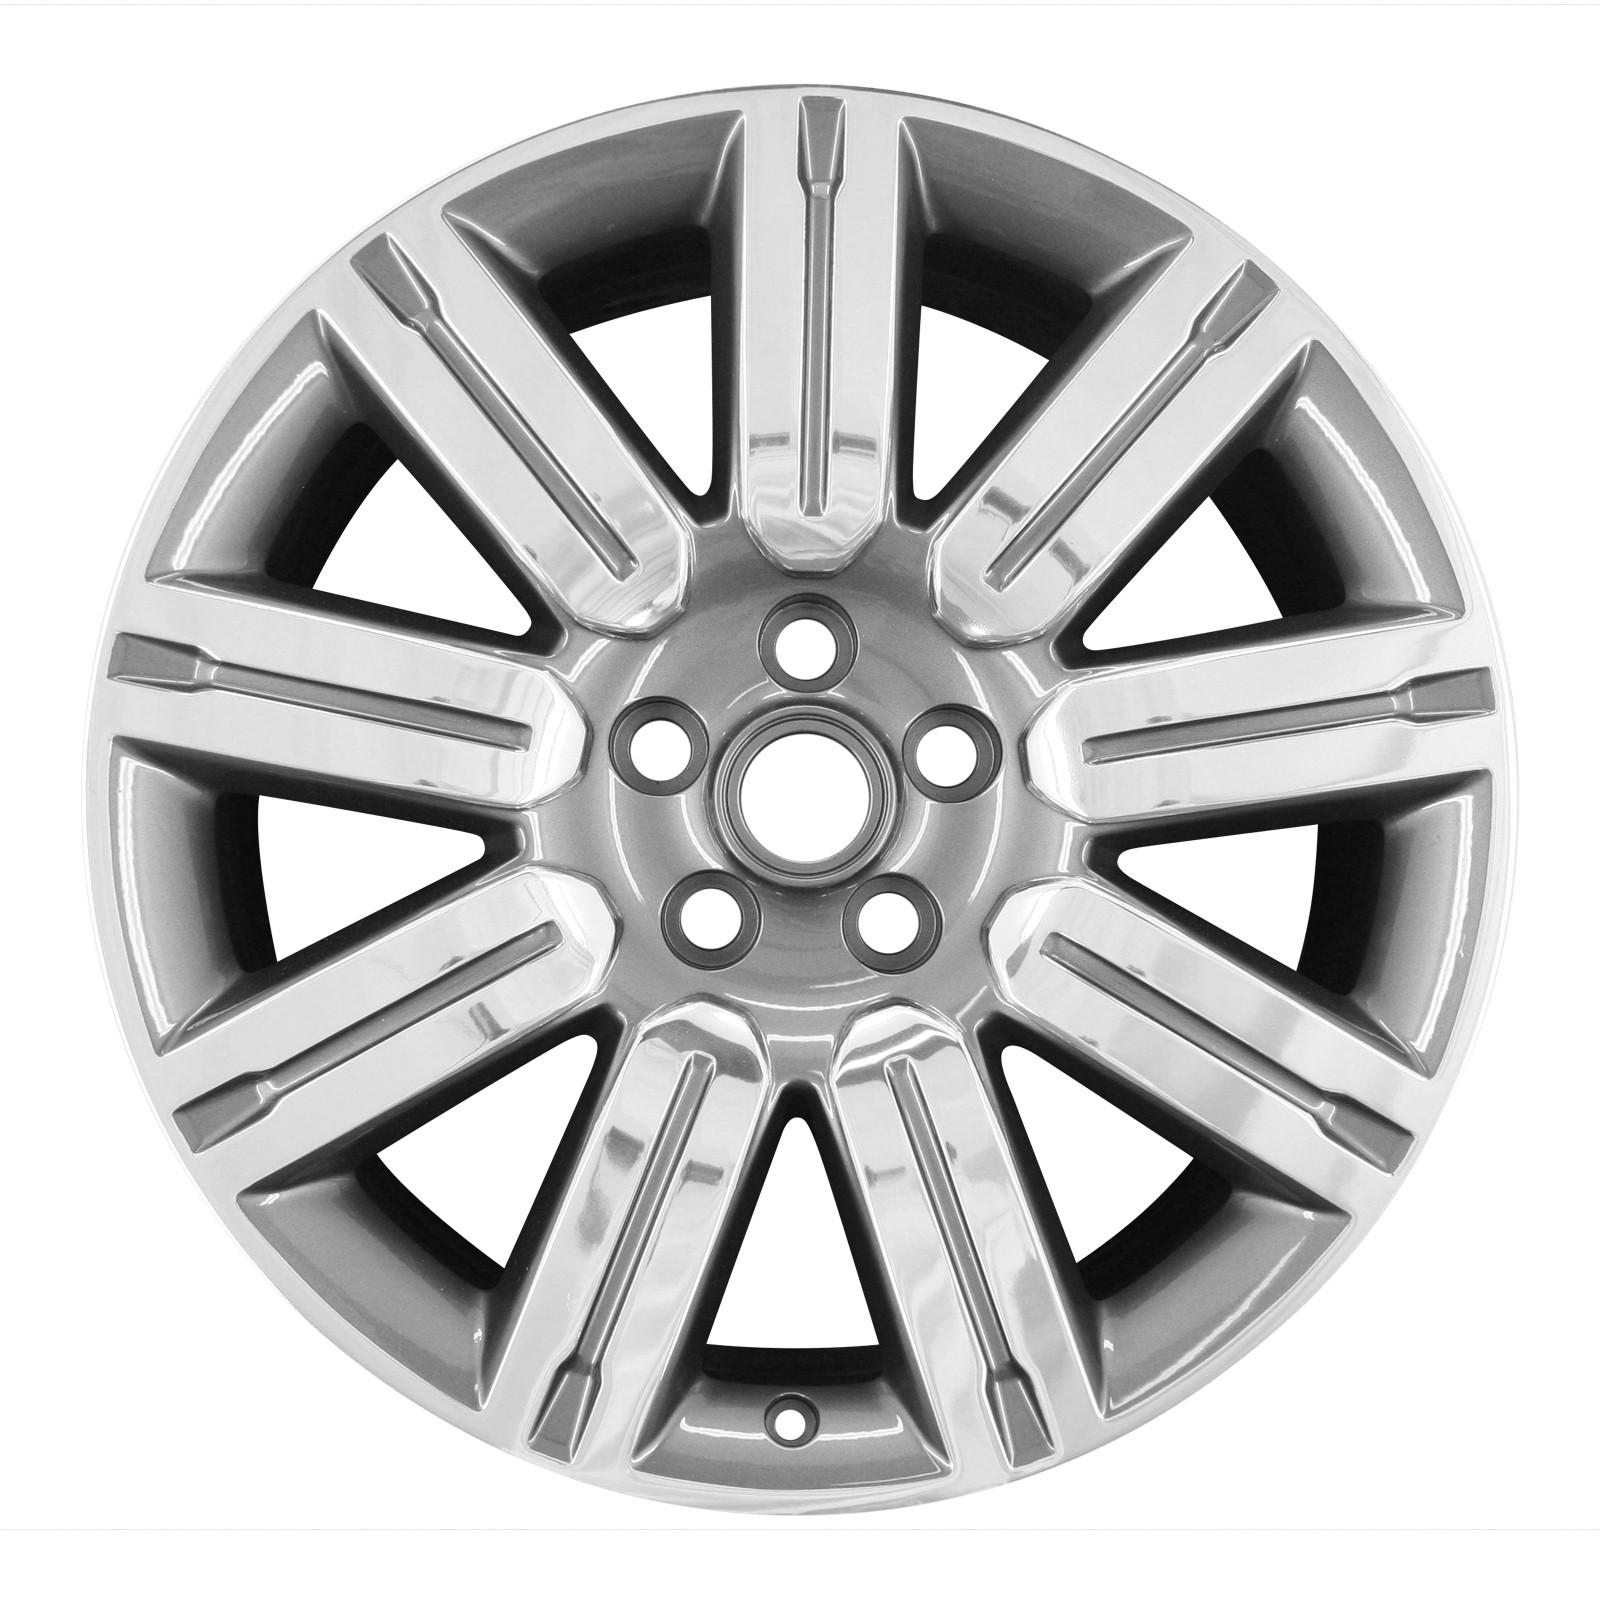 Колесный диск R20 Technical Grey для Range Rover Sport 2010-2014